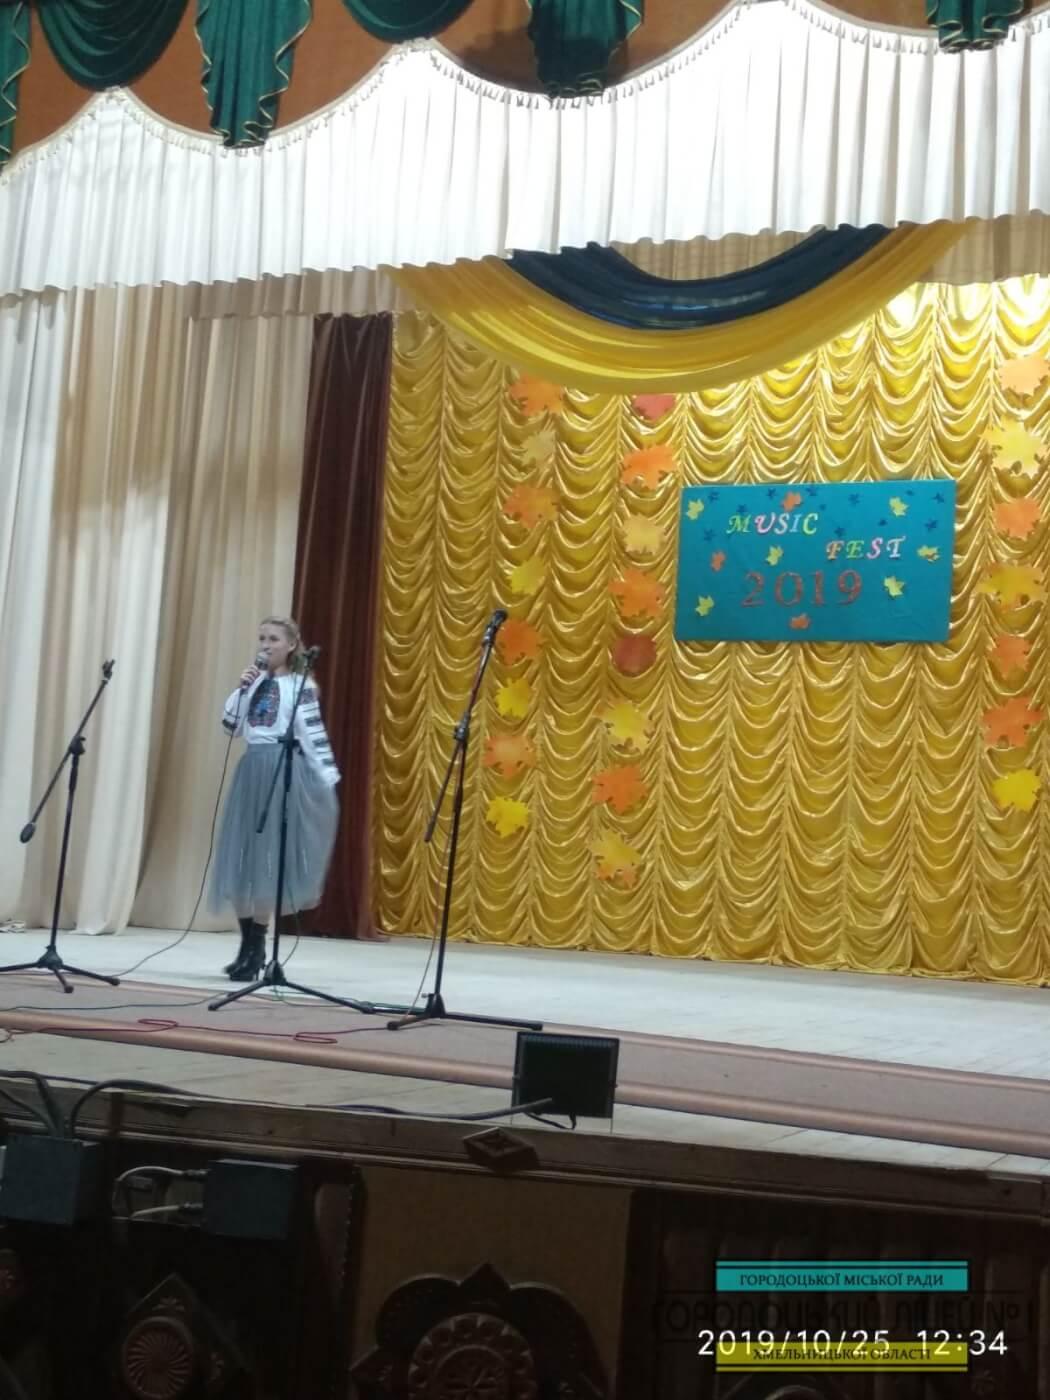 zobrazhennya viber 2019 10 31 14 29 56 - Music Fest «Городоцька осінь 2019»